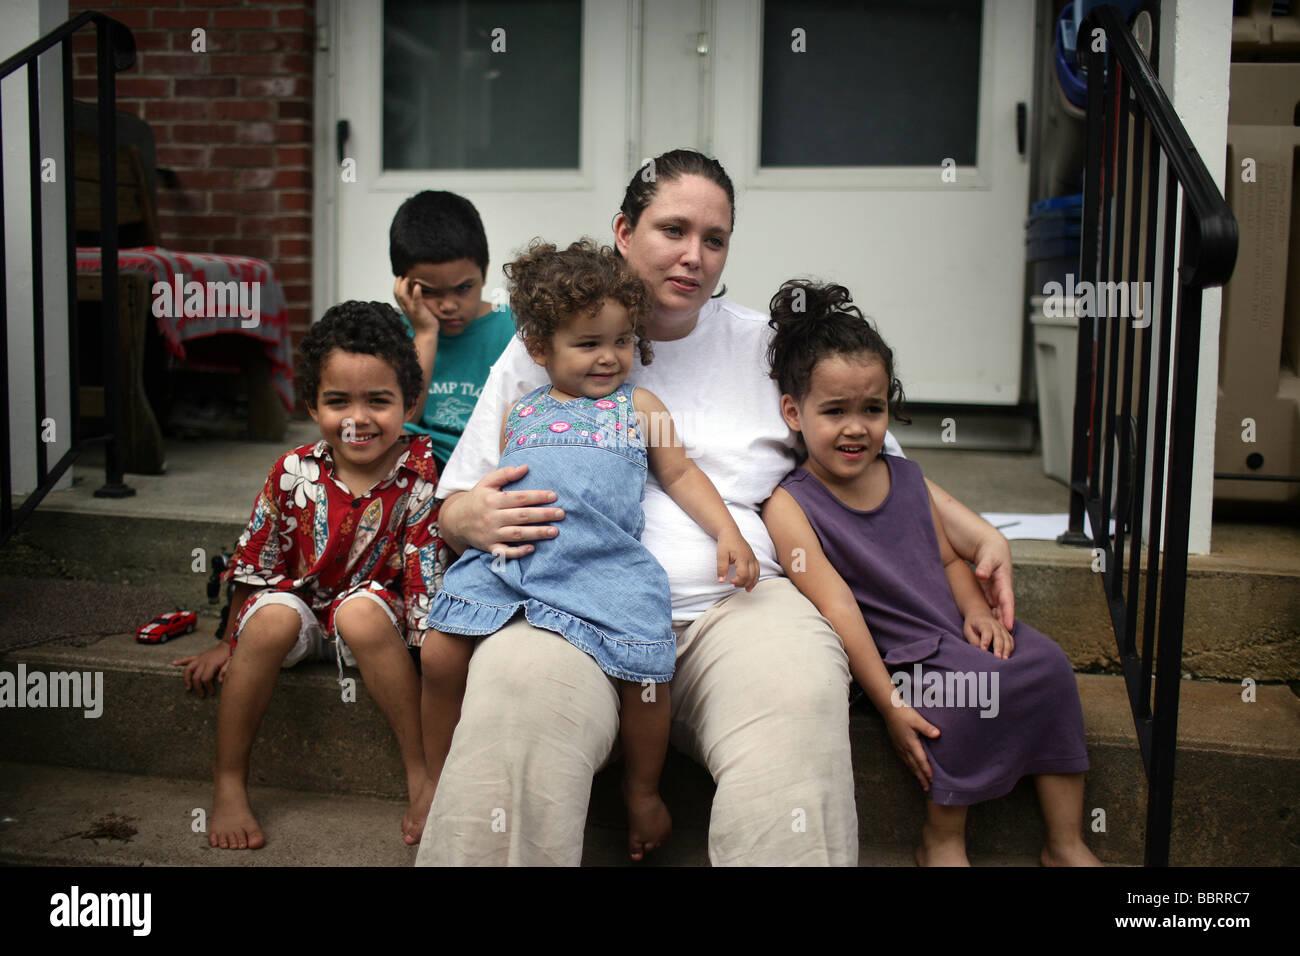 babe7d792cb35 Une famille heureuse mère de quatre enfants à New Haven New York USA ...